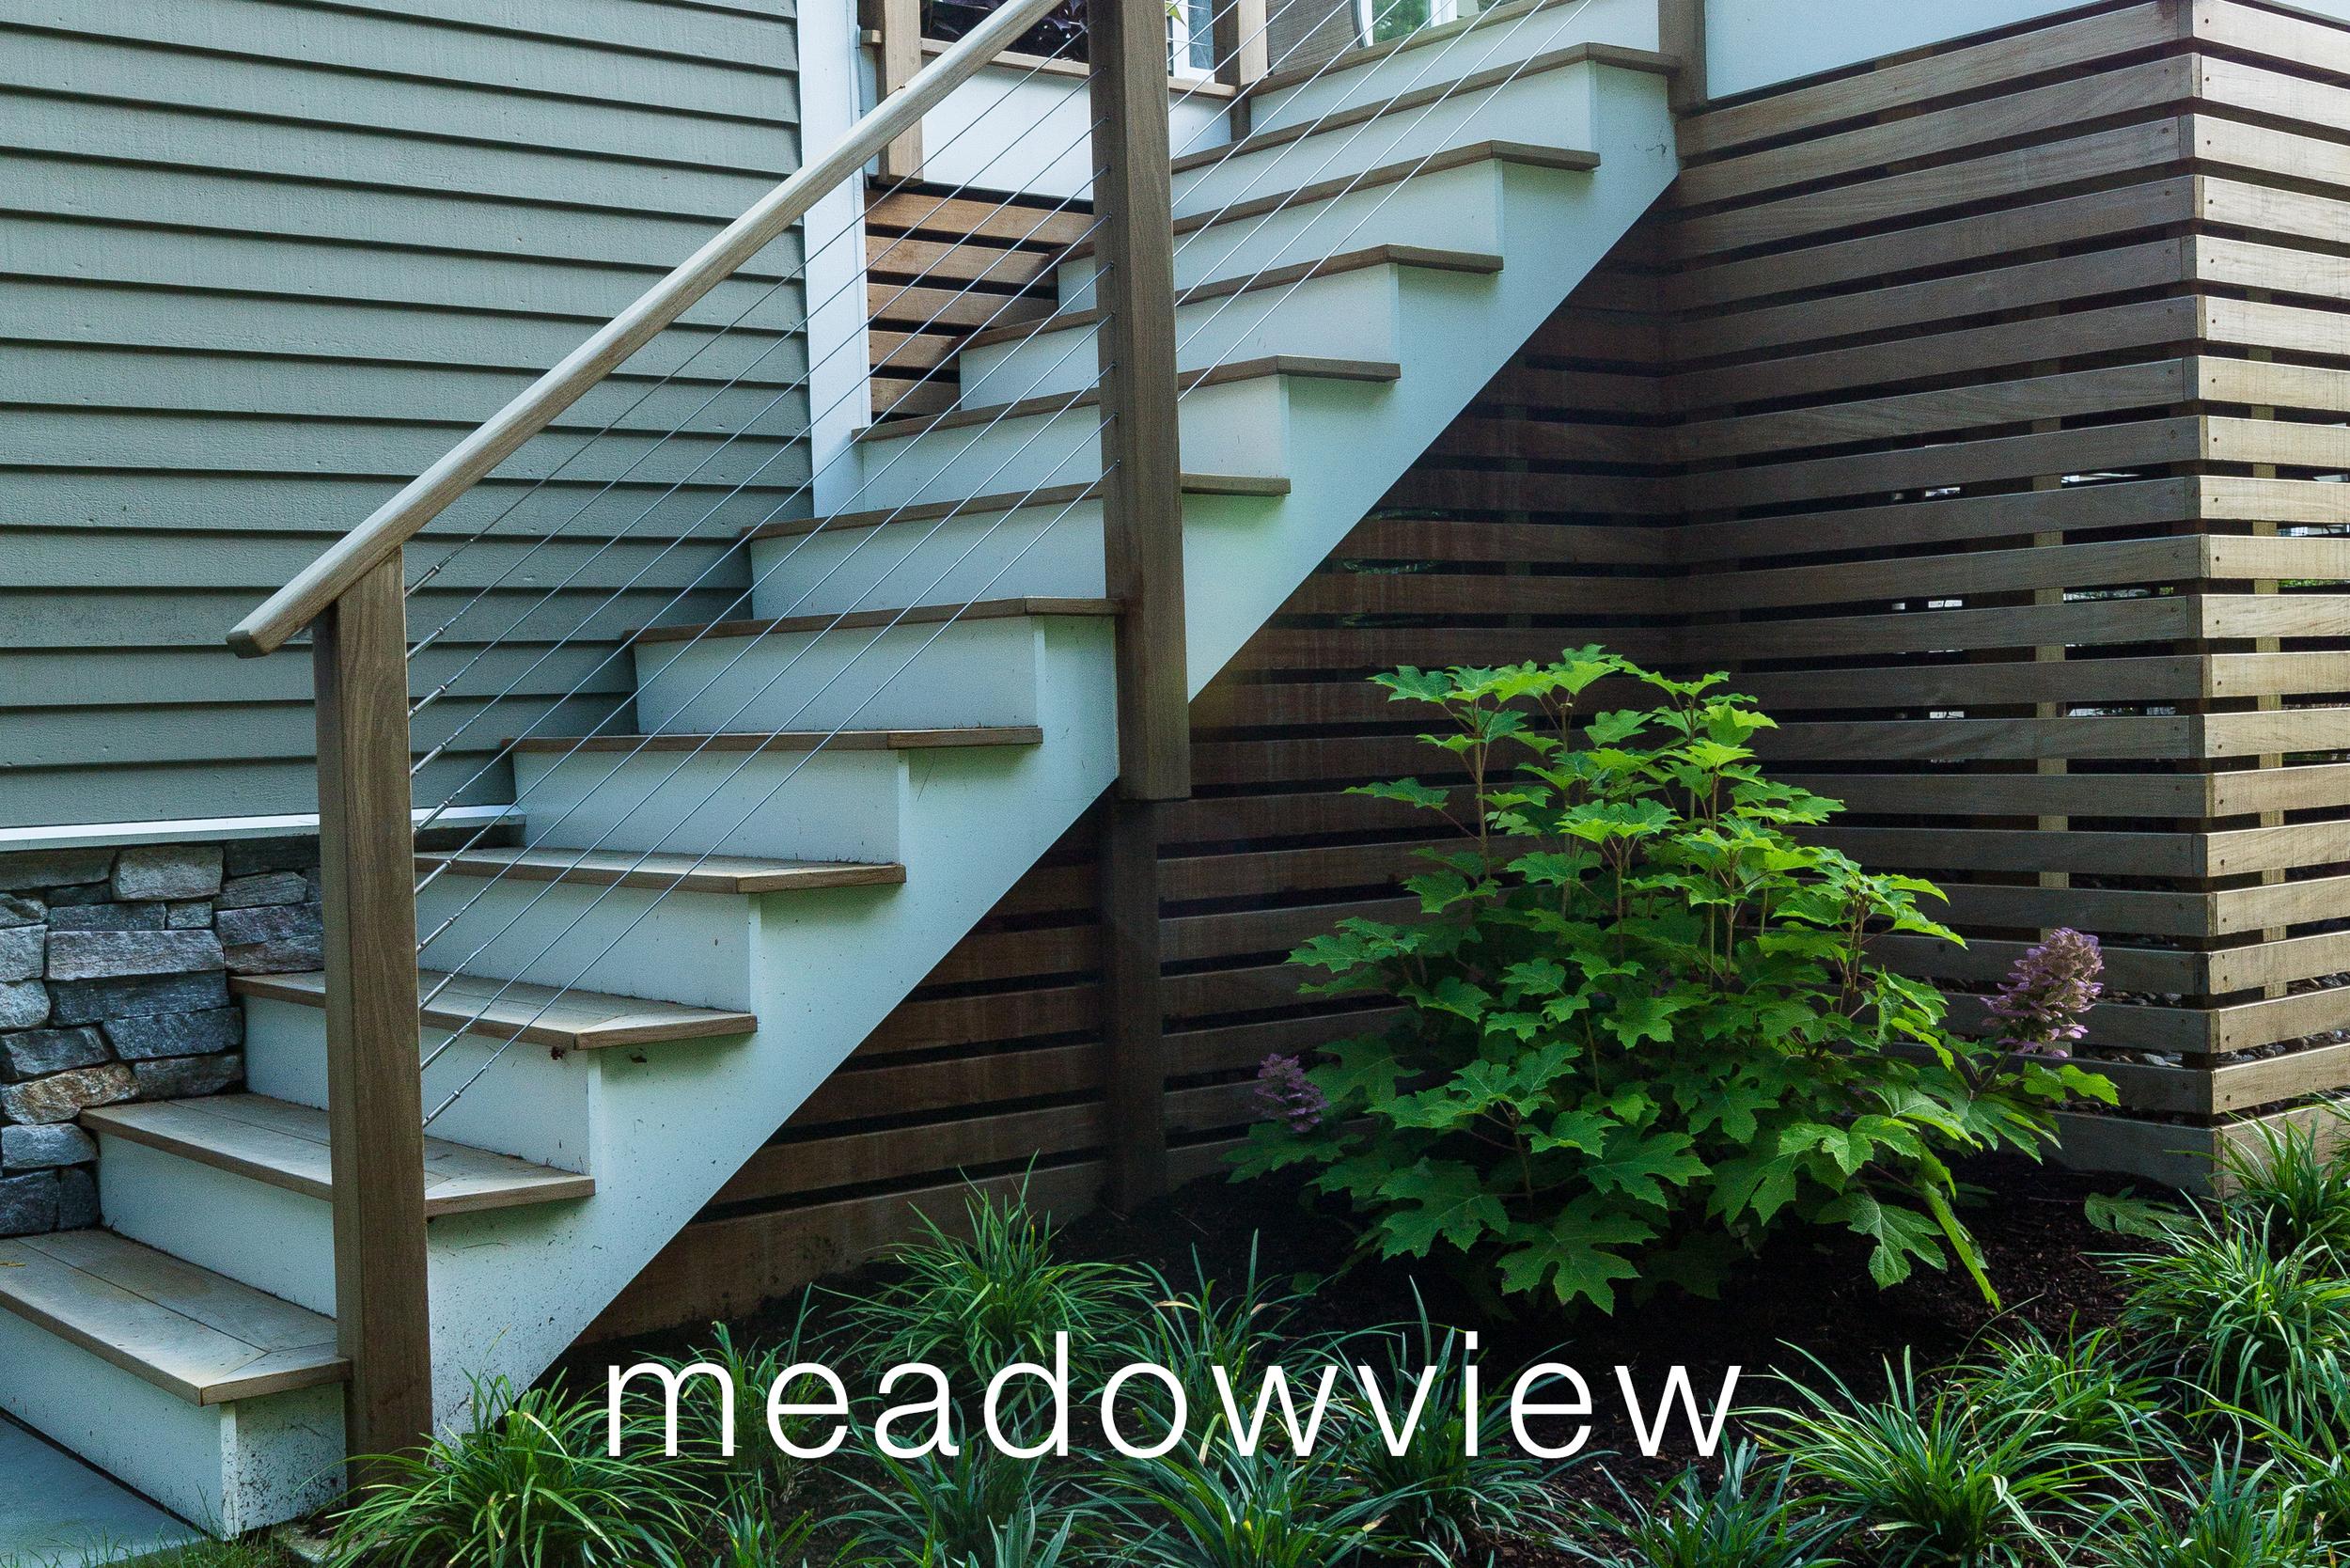 meadowview.png